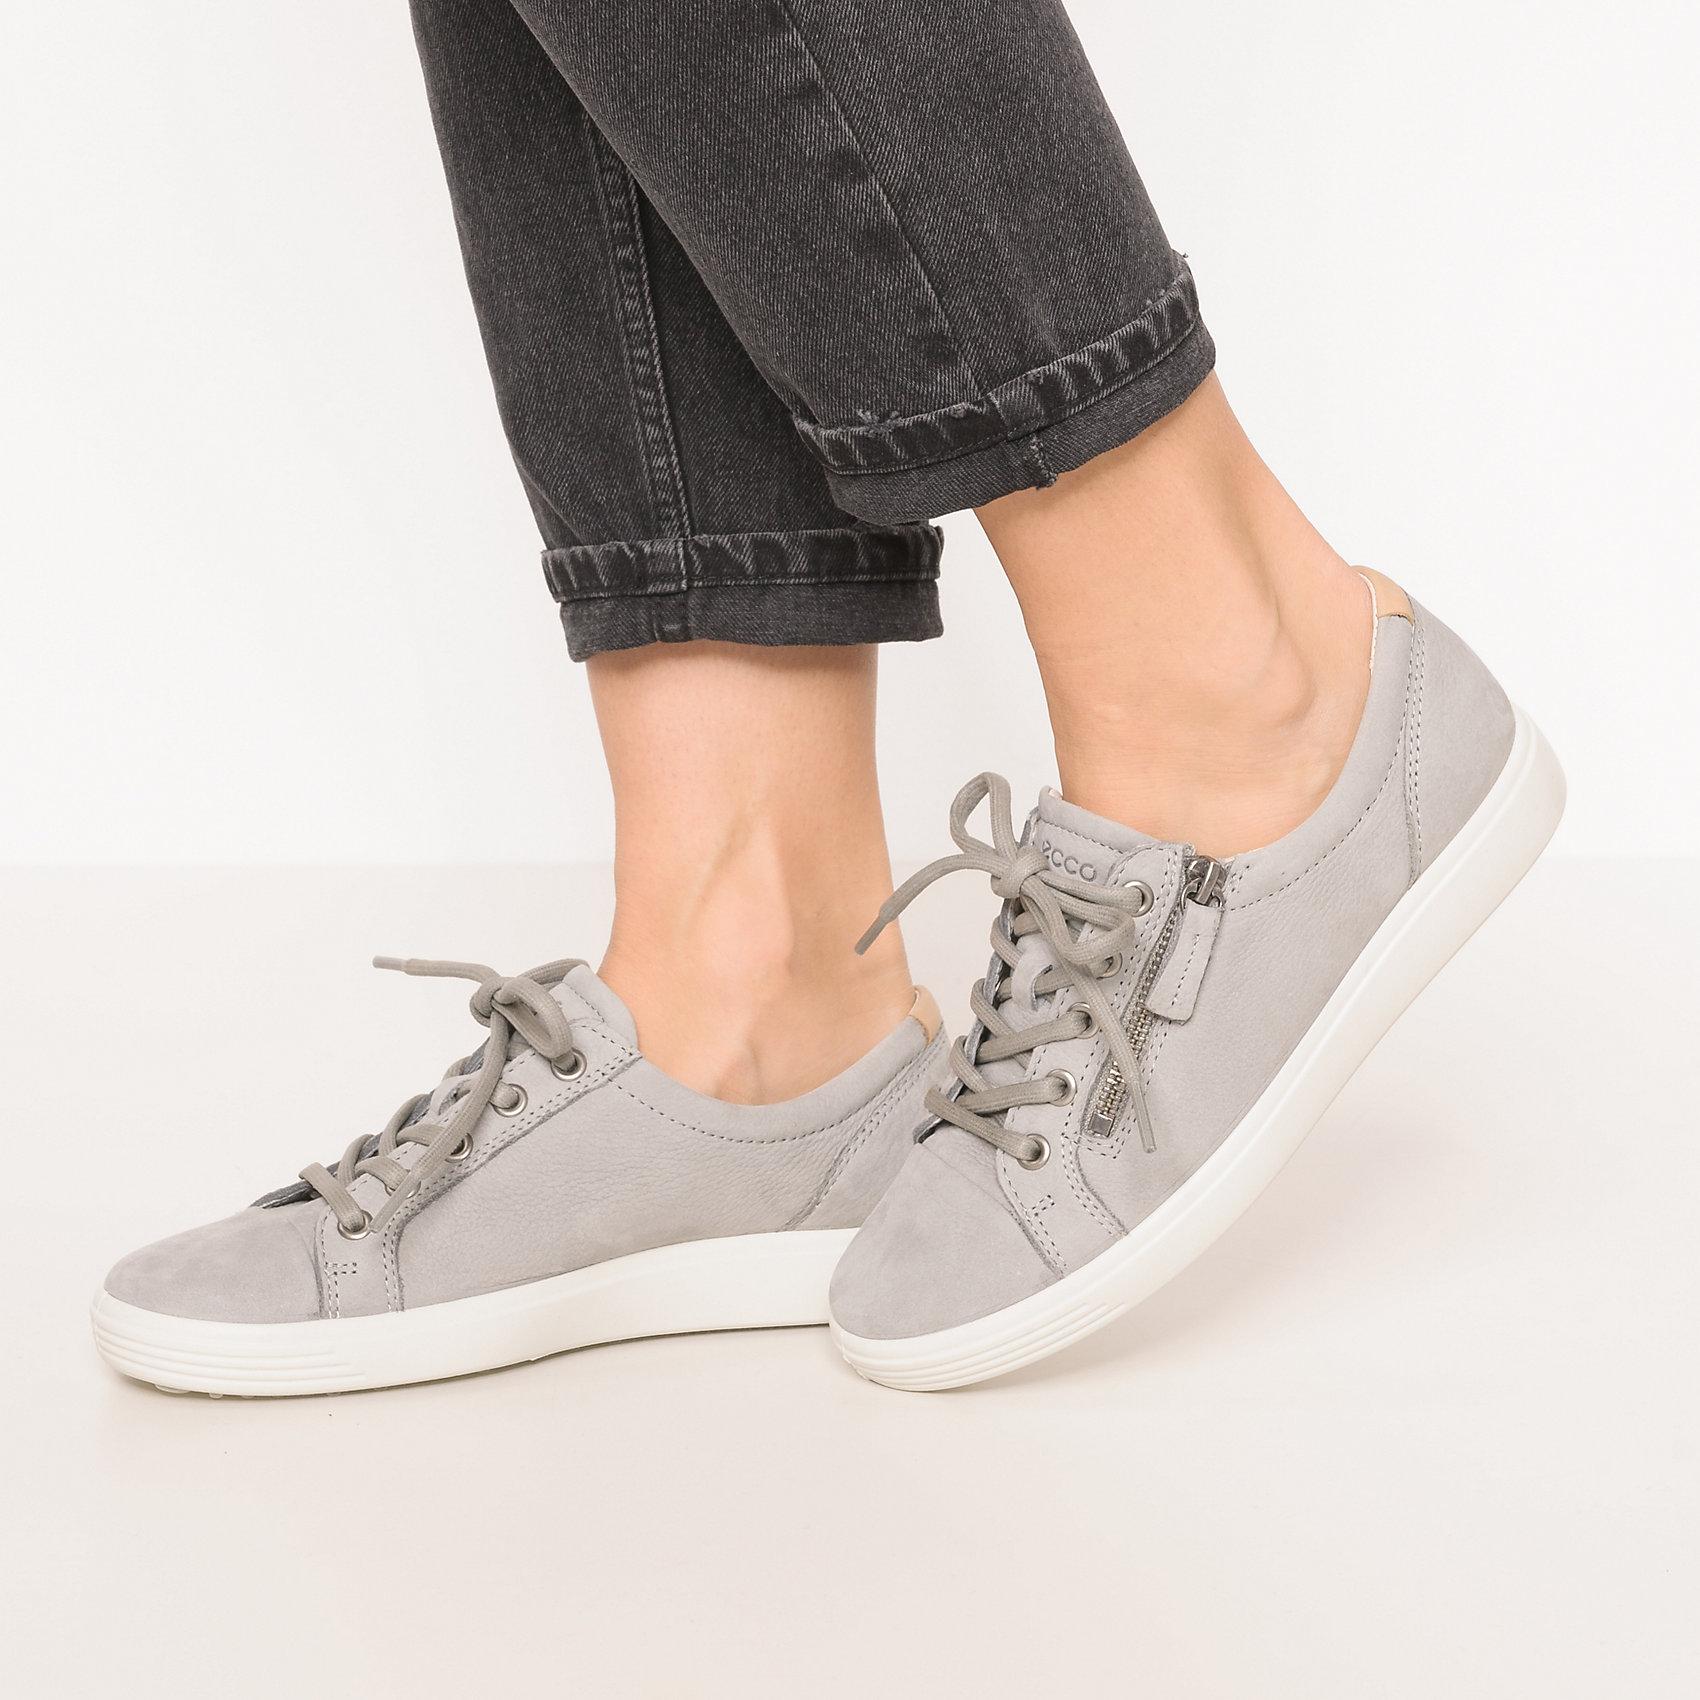 ECCO Sneakers 'Soft 1 White Droid' grau H5jk2D7EWM